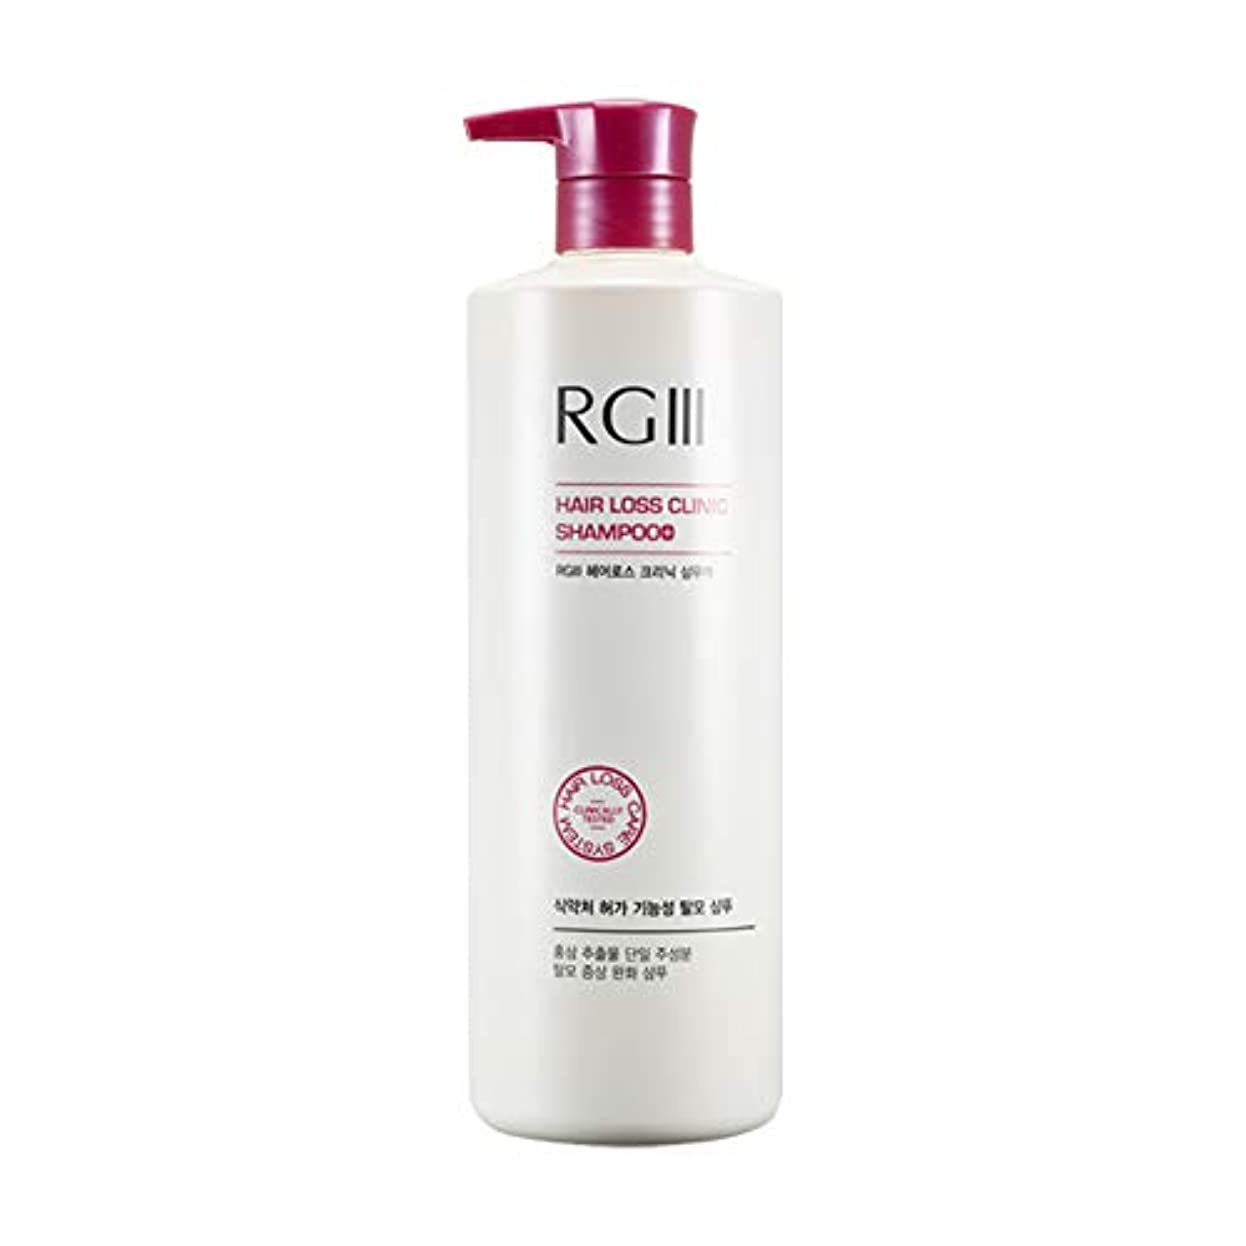 [コスモコス]COSMOCOS RGスリーヘアロスクリニックシャンプー液 520ML 海外直送品 RGⅢ hair loss clinic shampoo [並行輸入品]